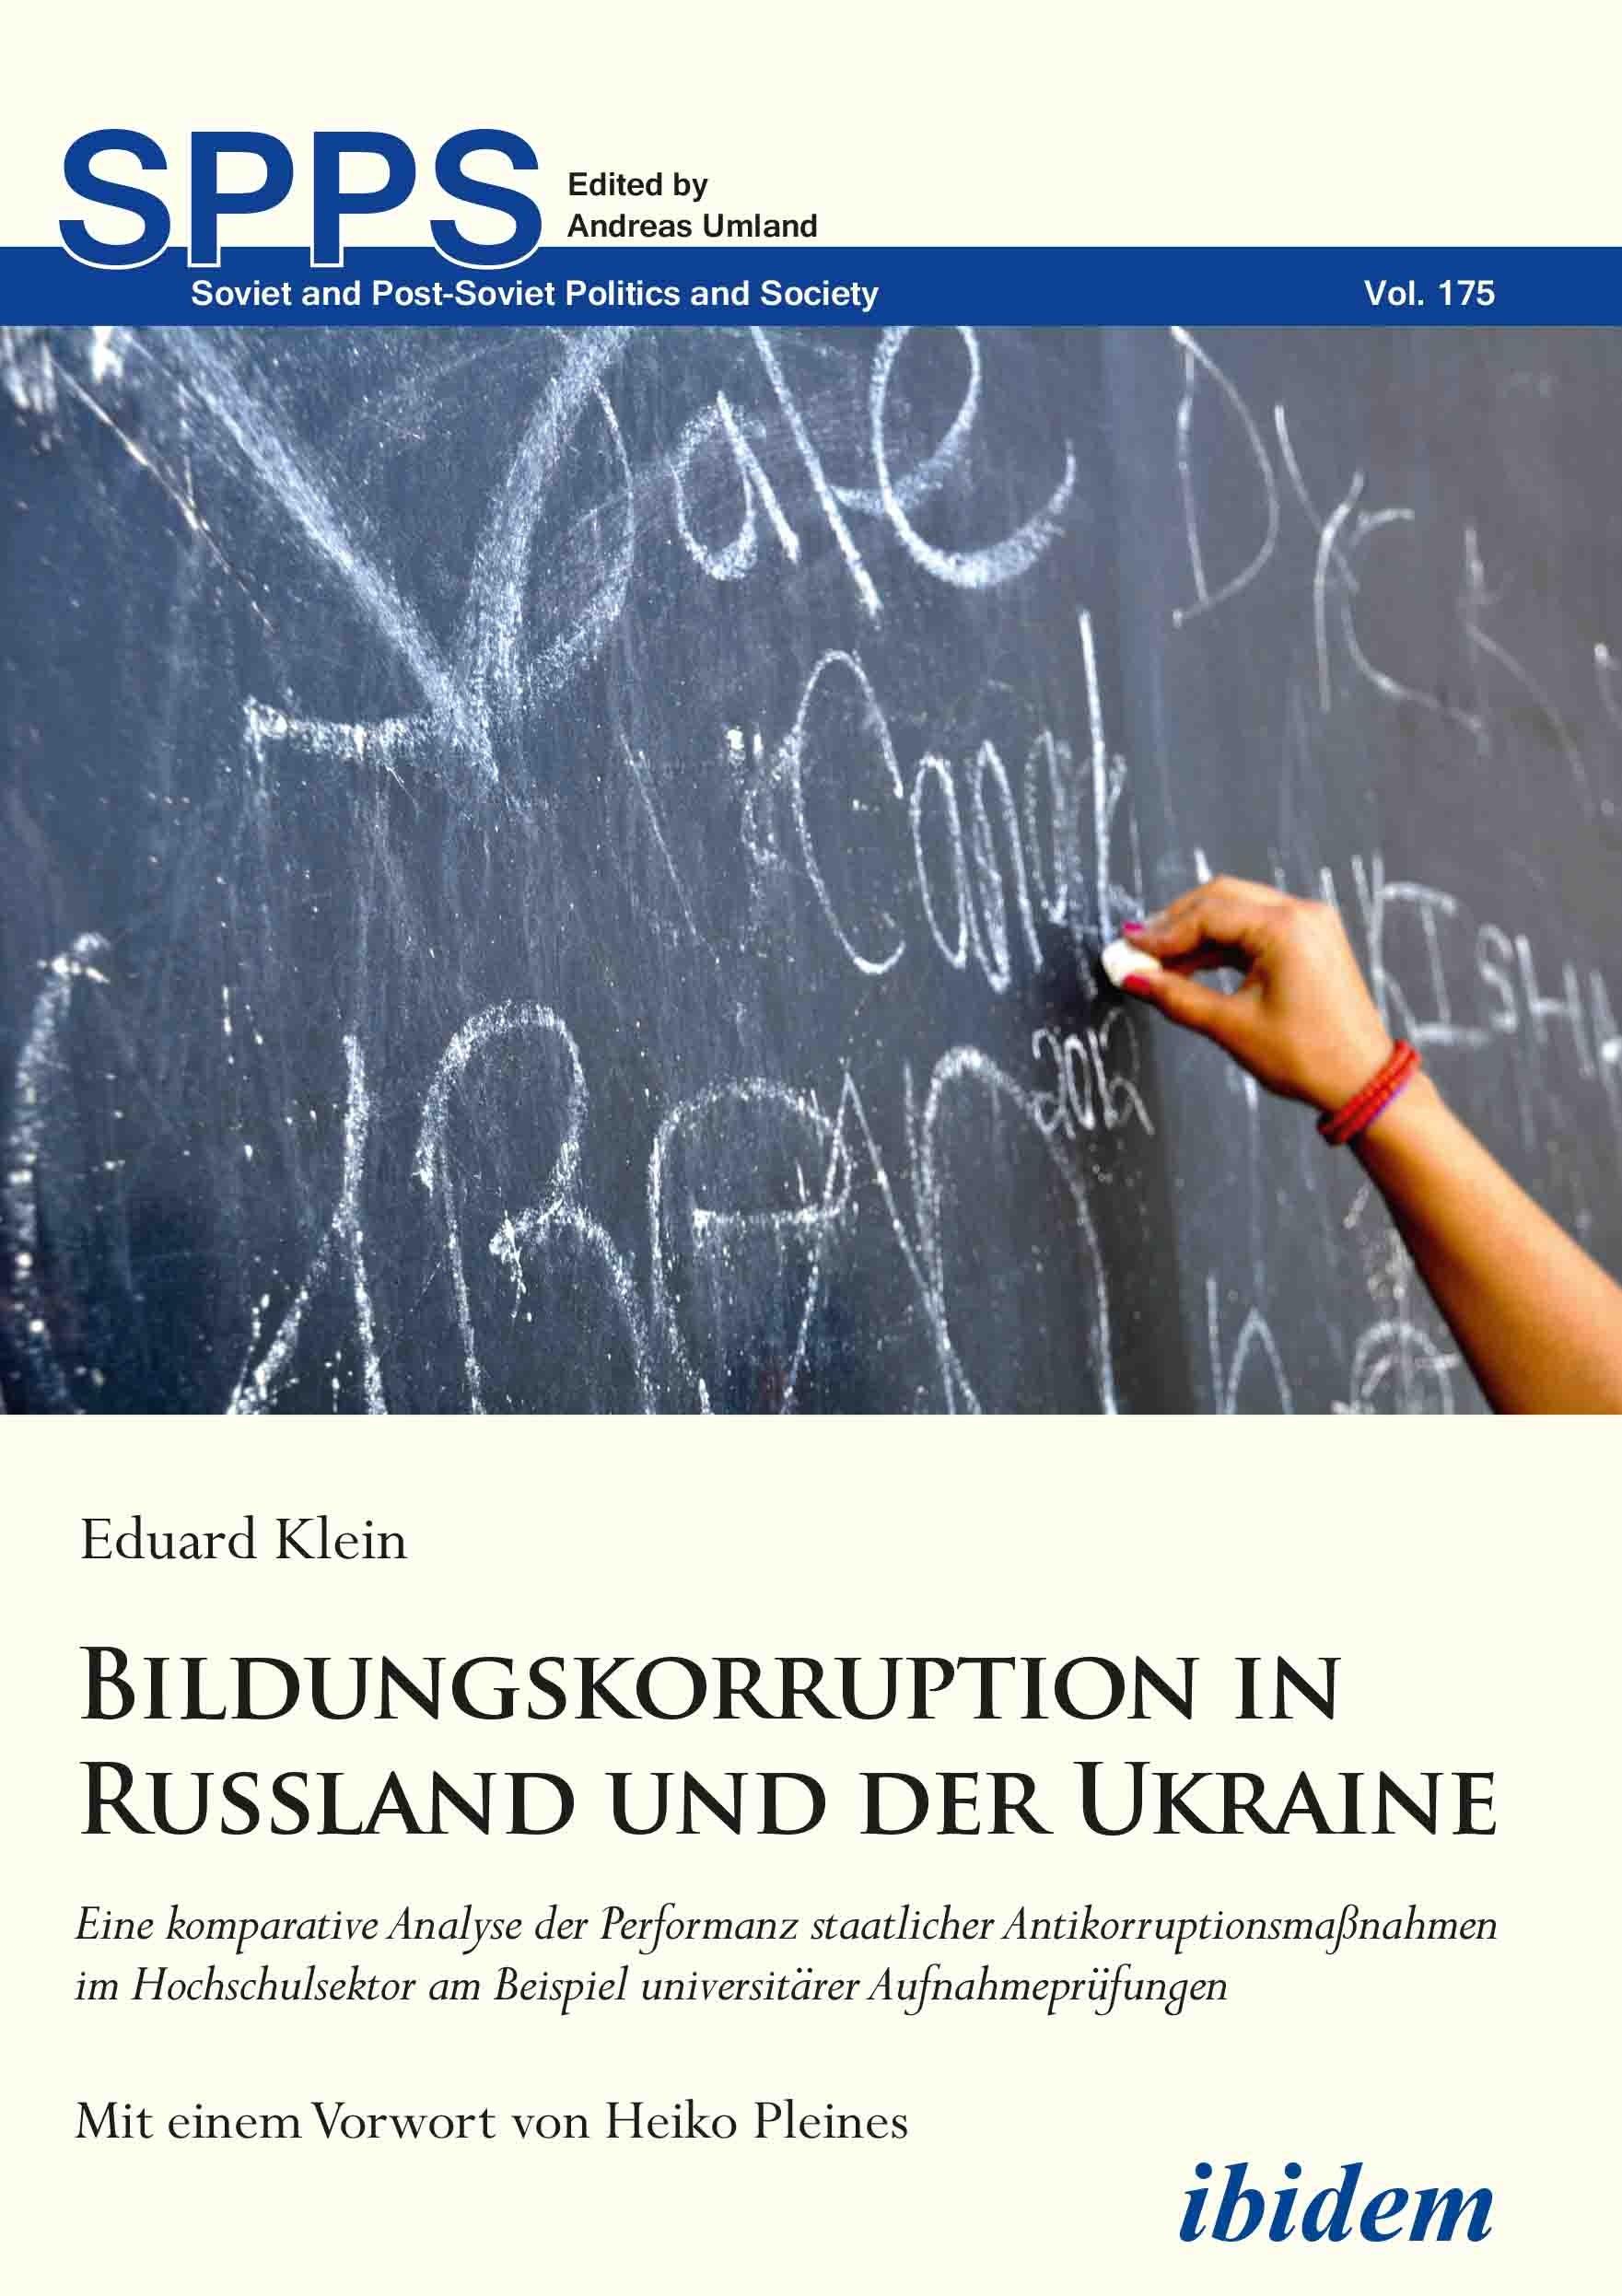 Bildungskorruption in Russland und der Ukraine